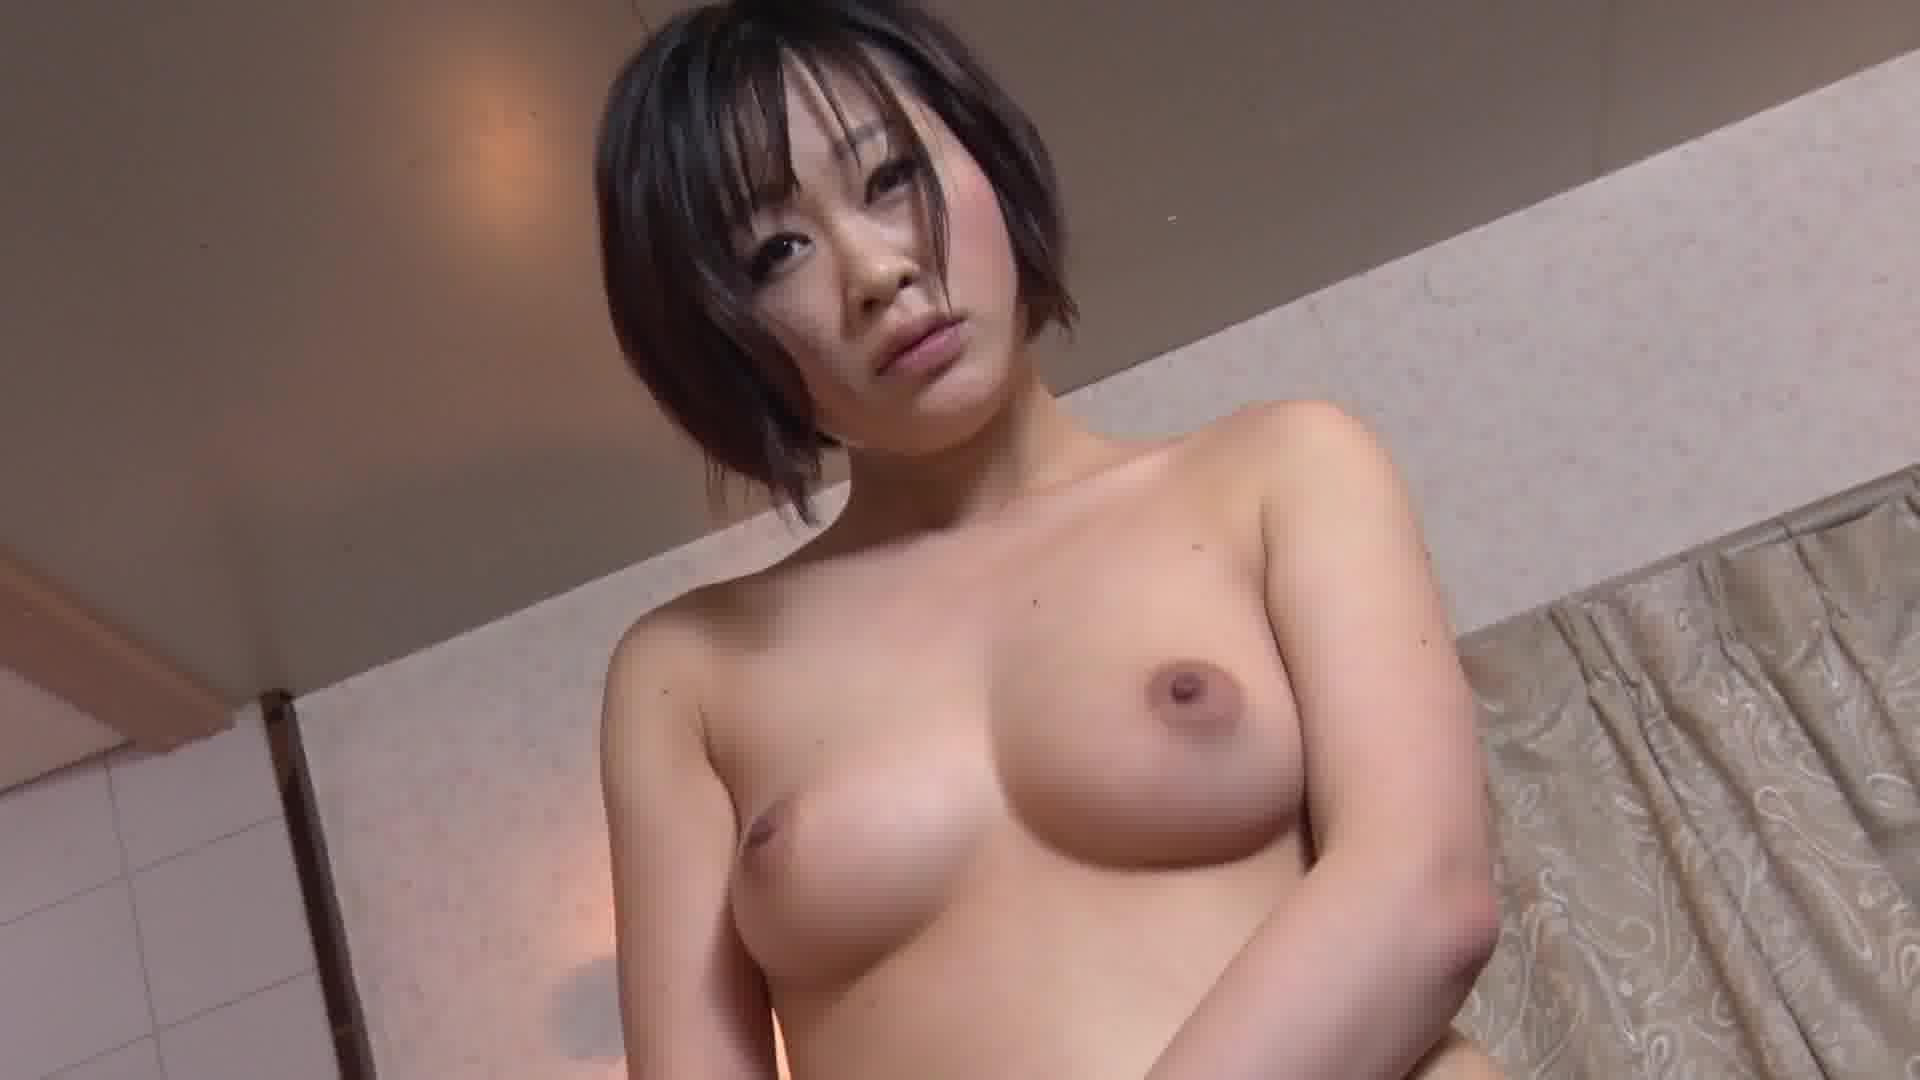 極上泡姫物語 Vol.59 - 渋谷まなか【巨乳・パイズリ・風俗】